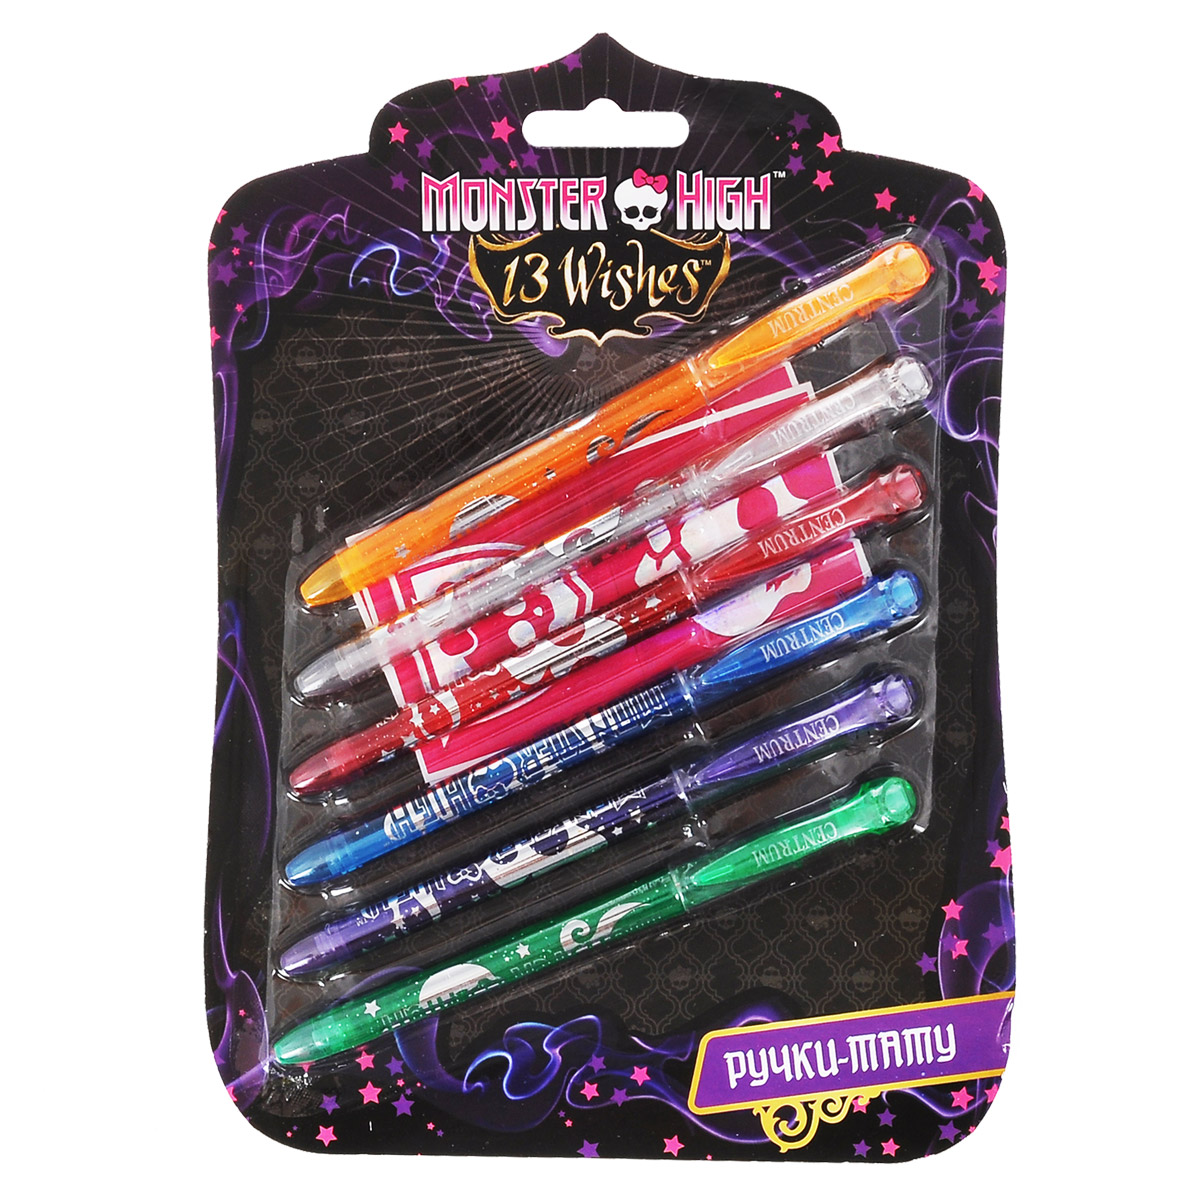 Набор гелевых ручек Centrum Monster High, для нанесения татуировок, 6 шт84988_цвет 2Набор гелевых ручек Centrum Monster High включает 6 ручек ярких цветов - оранжевого, красного, голубого, фиолетового, белого и зеленого. Корпусы ручек украшены блестками и логотипом мультфильма Школа монстров. Ручки имеют современный дизайн и обеспечивают мягкое и четкое письмо практически на любой бумаге, и даже на коже - ваш малыш сможет придумать и нарисовать забавные смывающиеся татуировки для себя и своих друзей. Полупрозрачный корпус ручки позволяет контролировать расход чернил.Ручки закрываются колпачком, оснащенным клип-зажимом.Цвет корпуса соответствует цвету чернил.